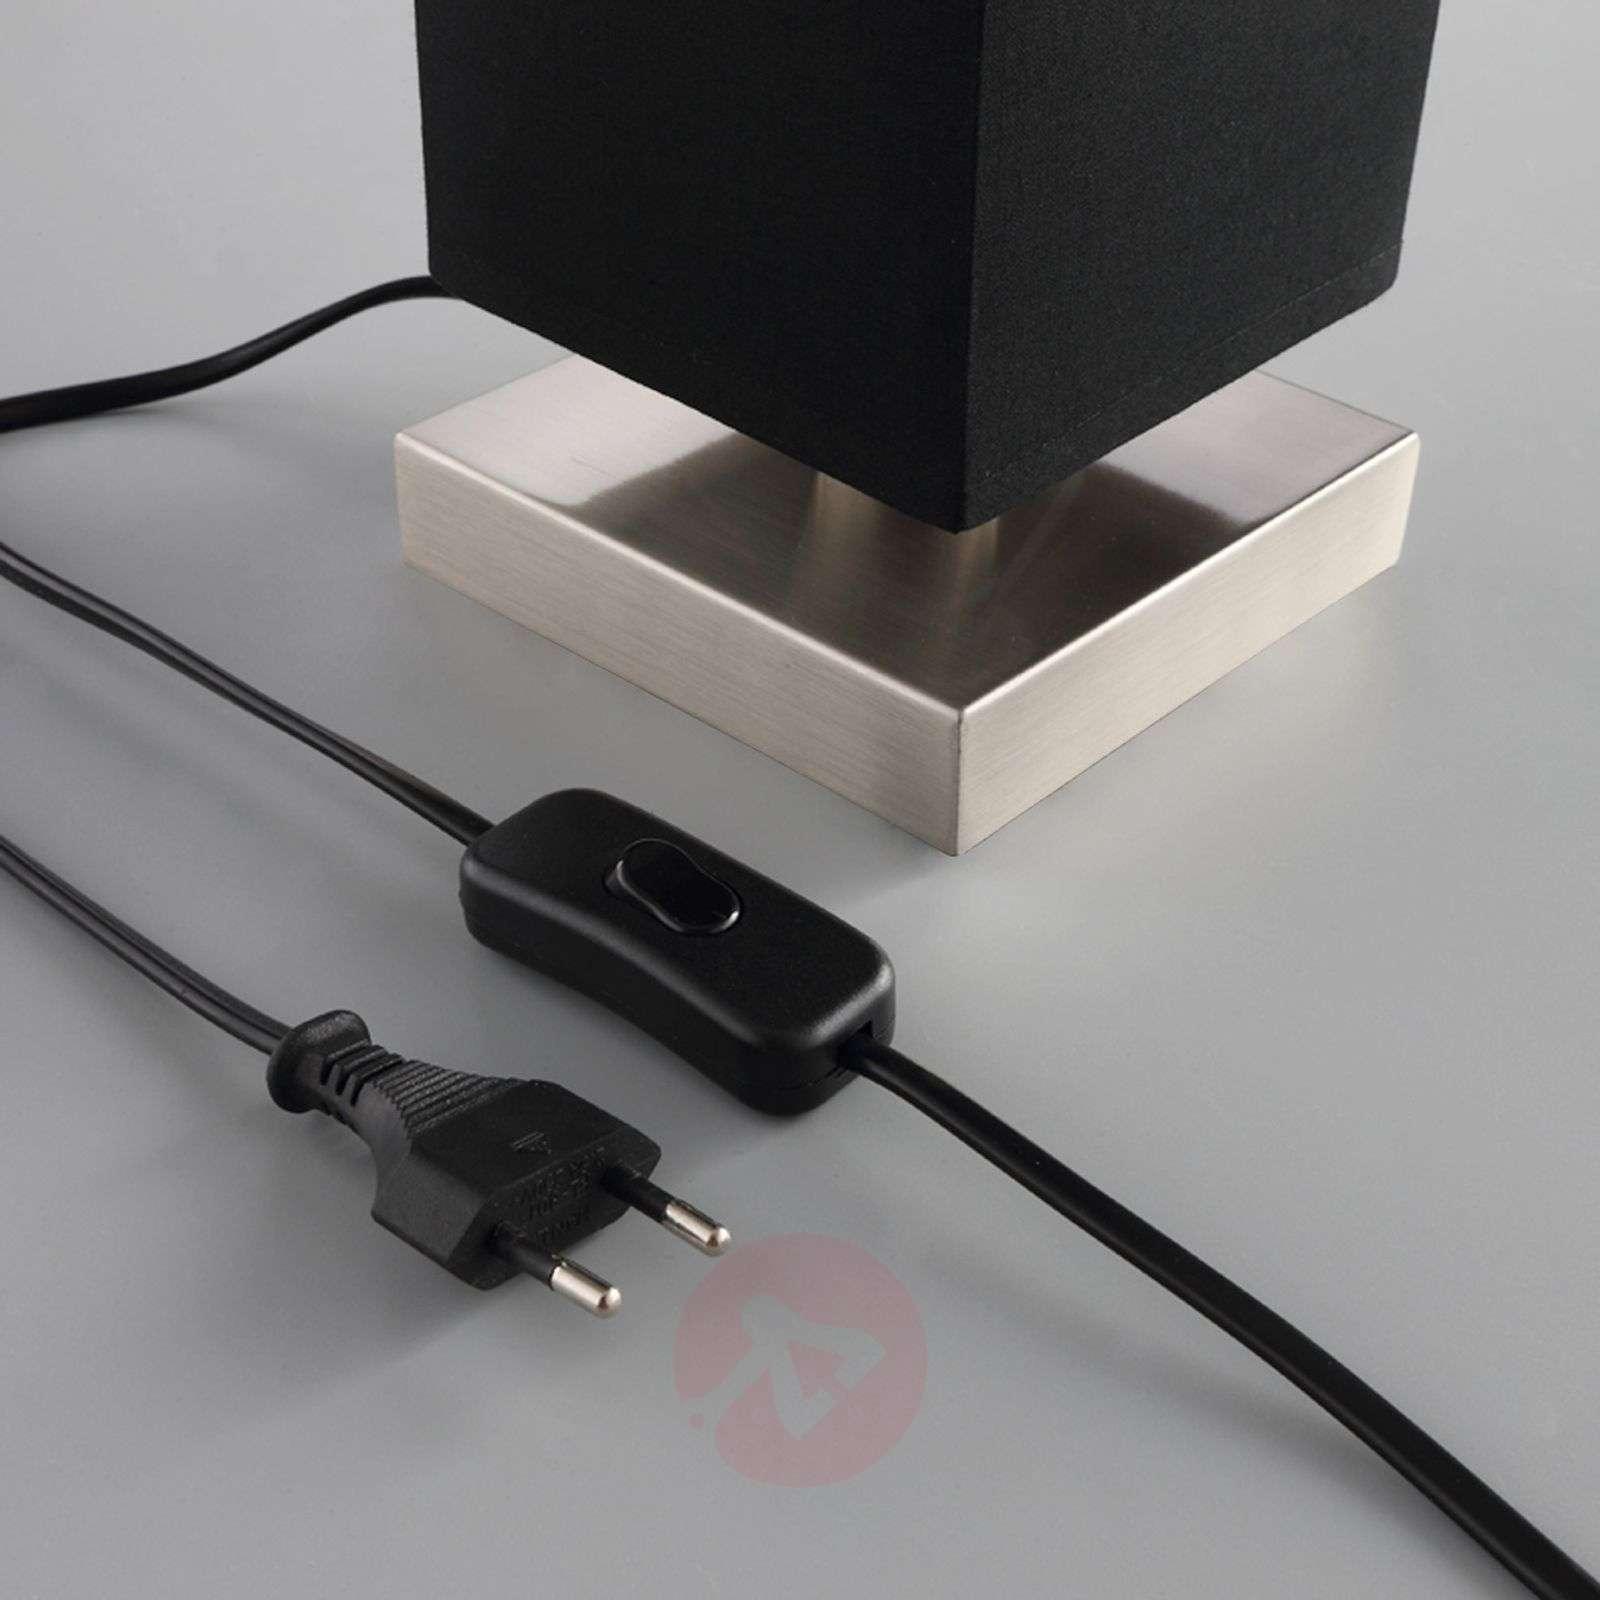 Musta kangaspöytävalaisin Martje, LED-lampulla-9620068-010